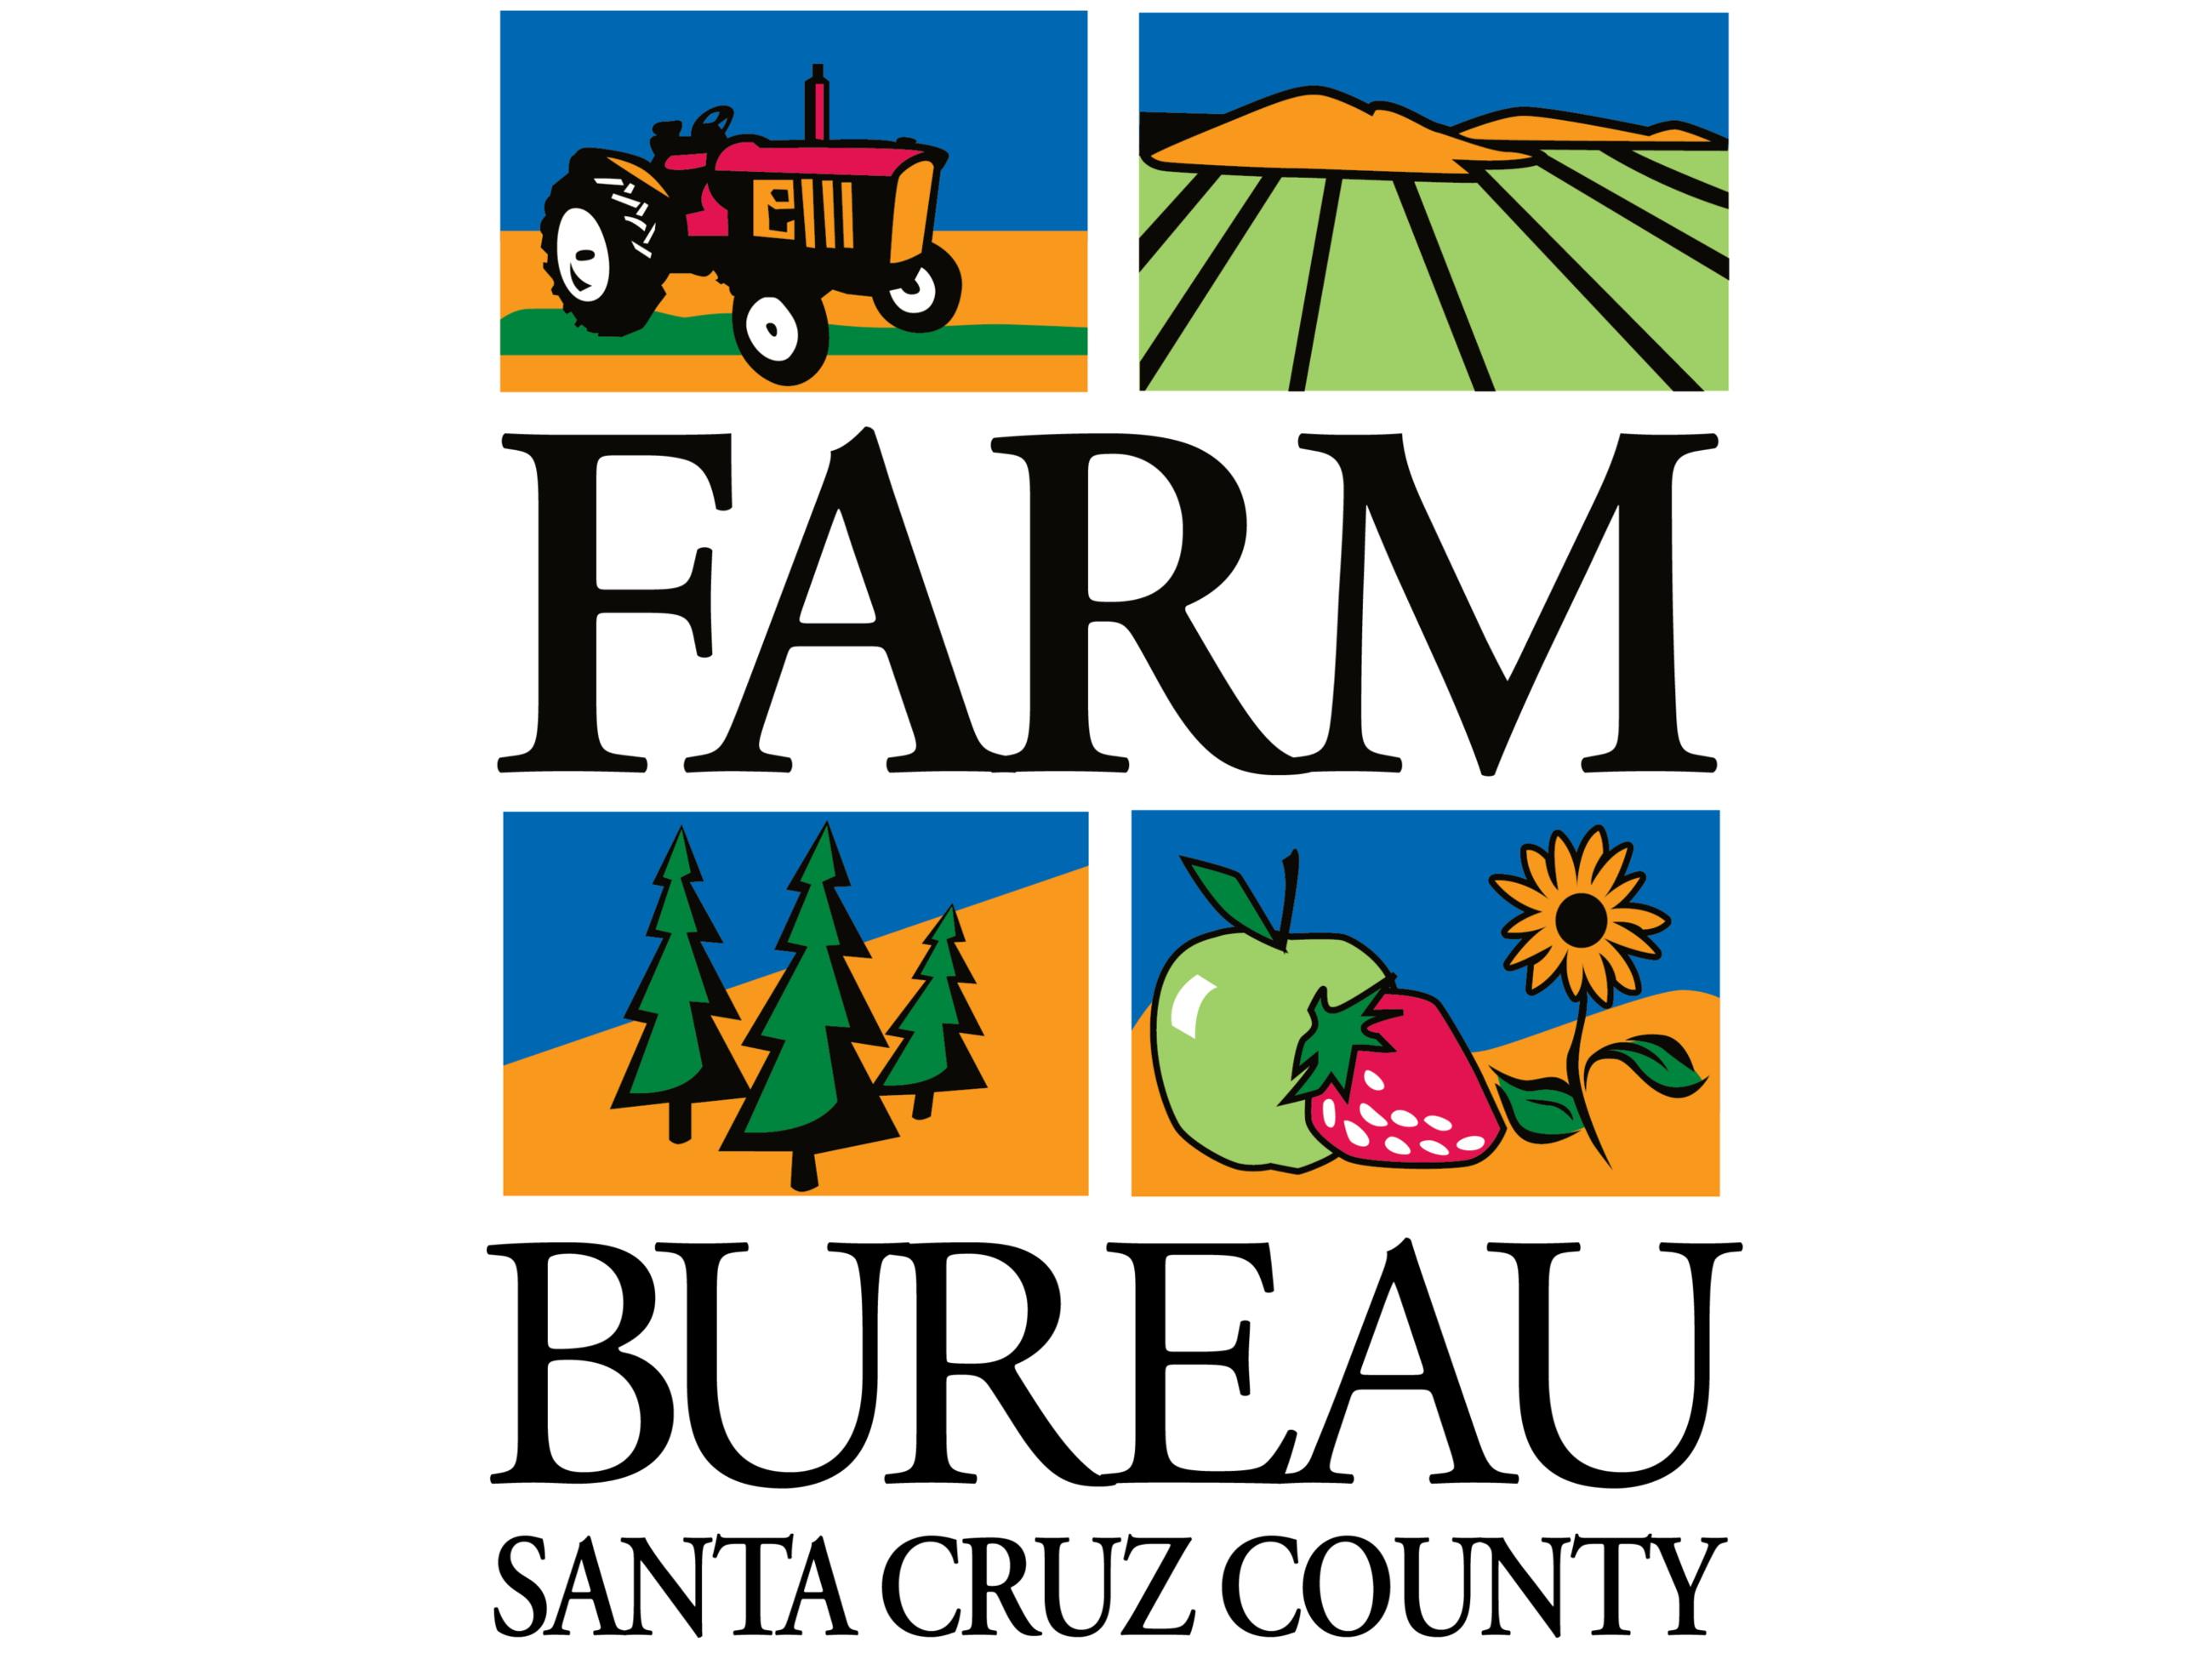 Santa Cruz County Farm Bureau